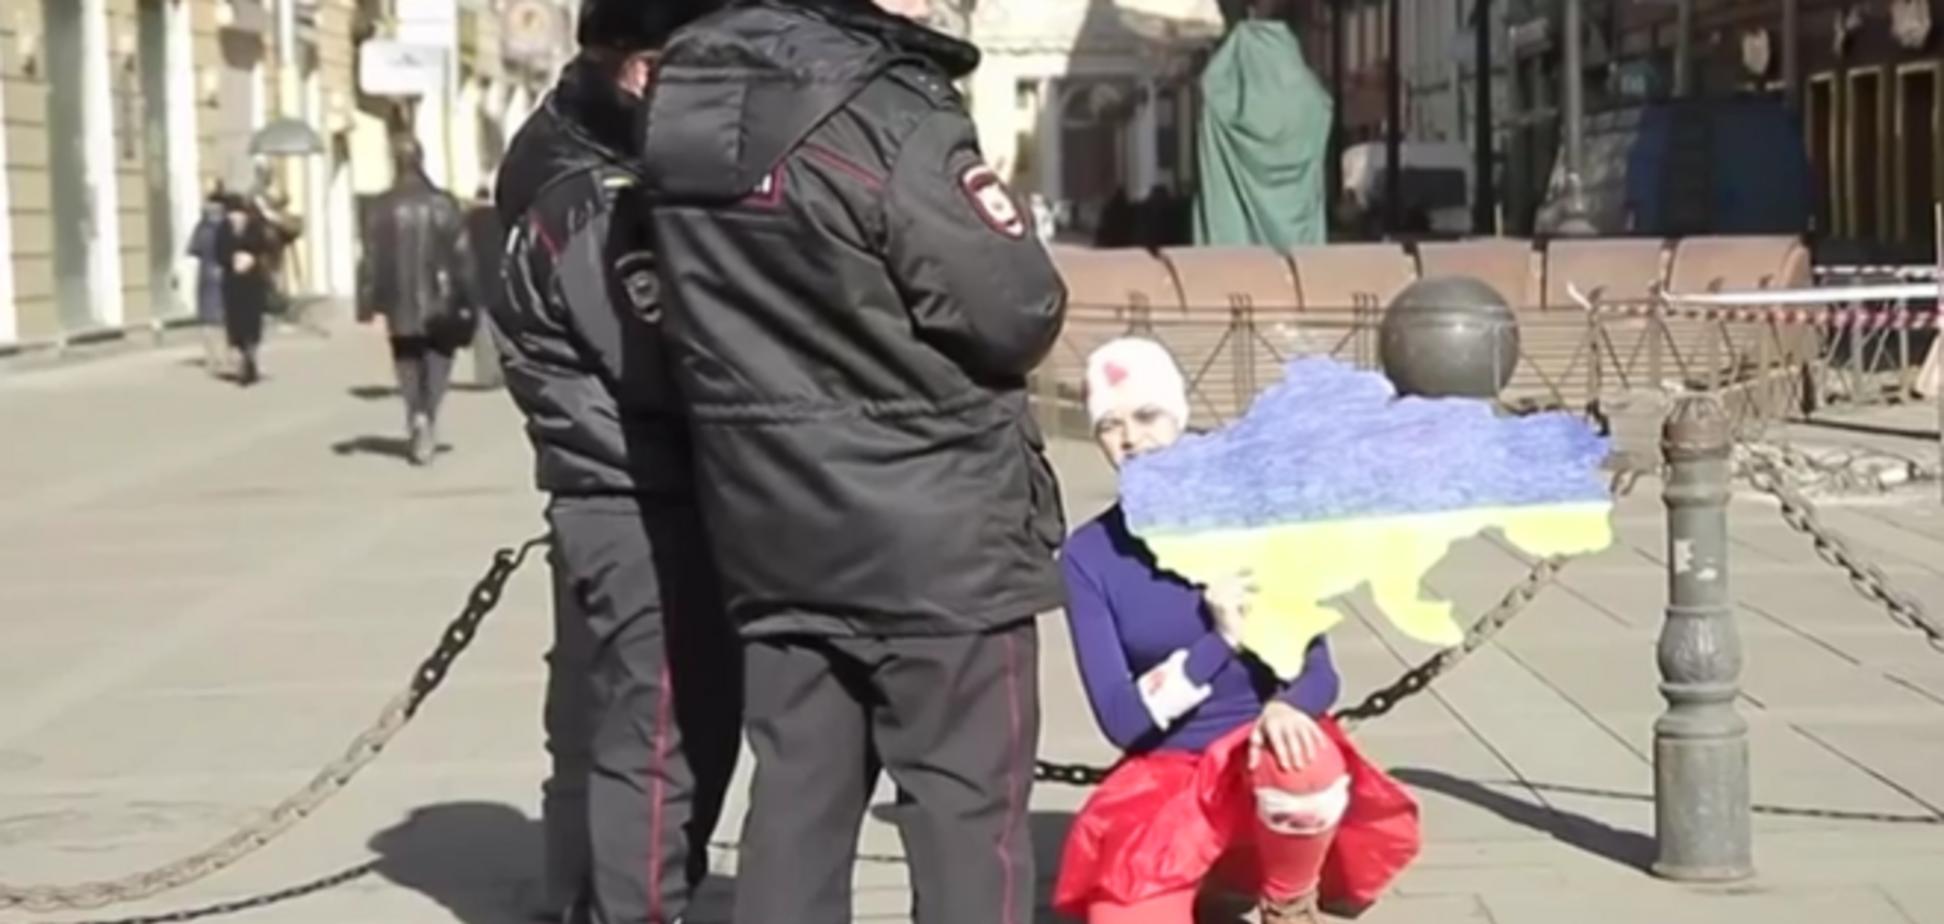 'Россия-гопник': в Питере провели акцию к годовщине 'отжатия' Крыма